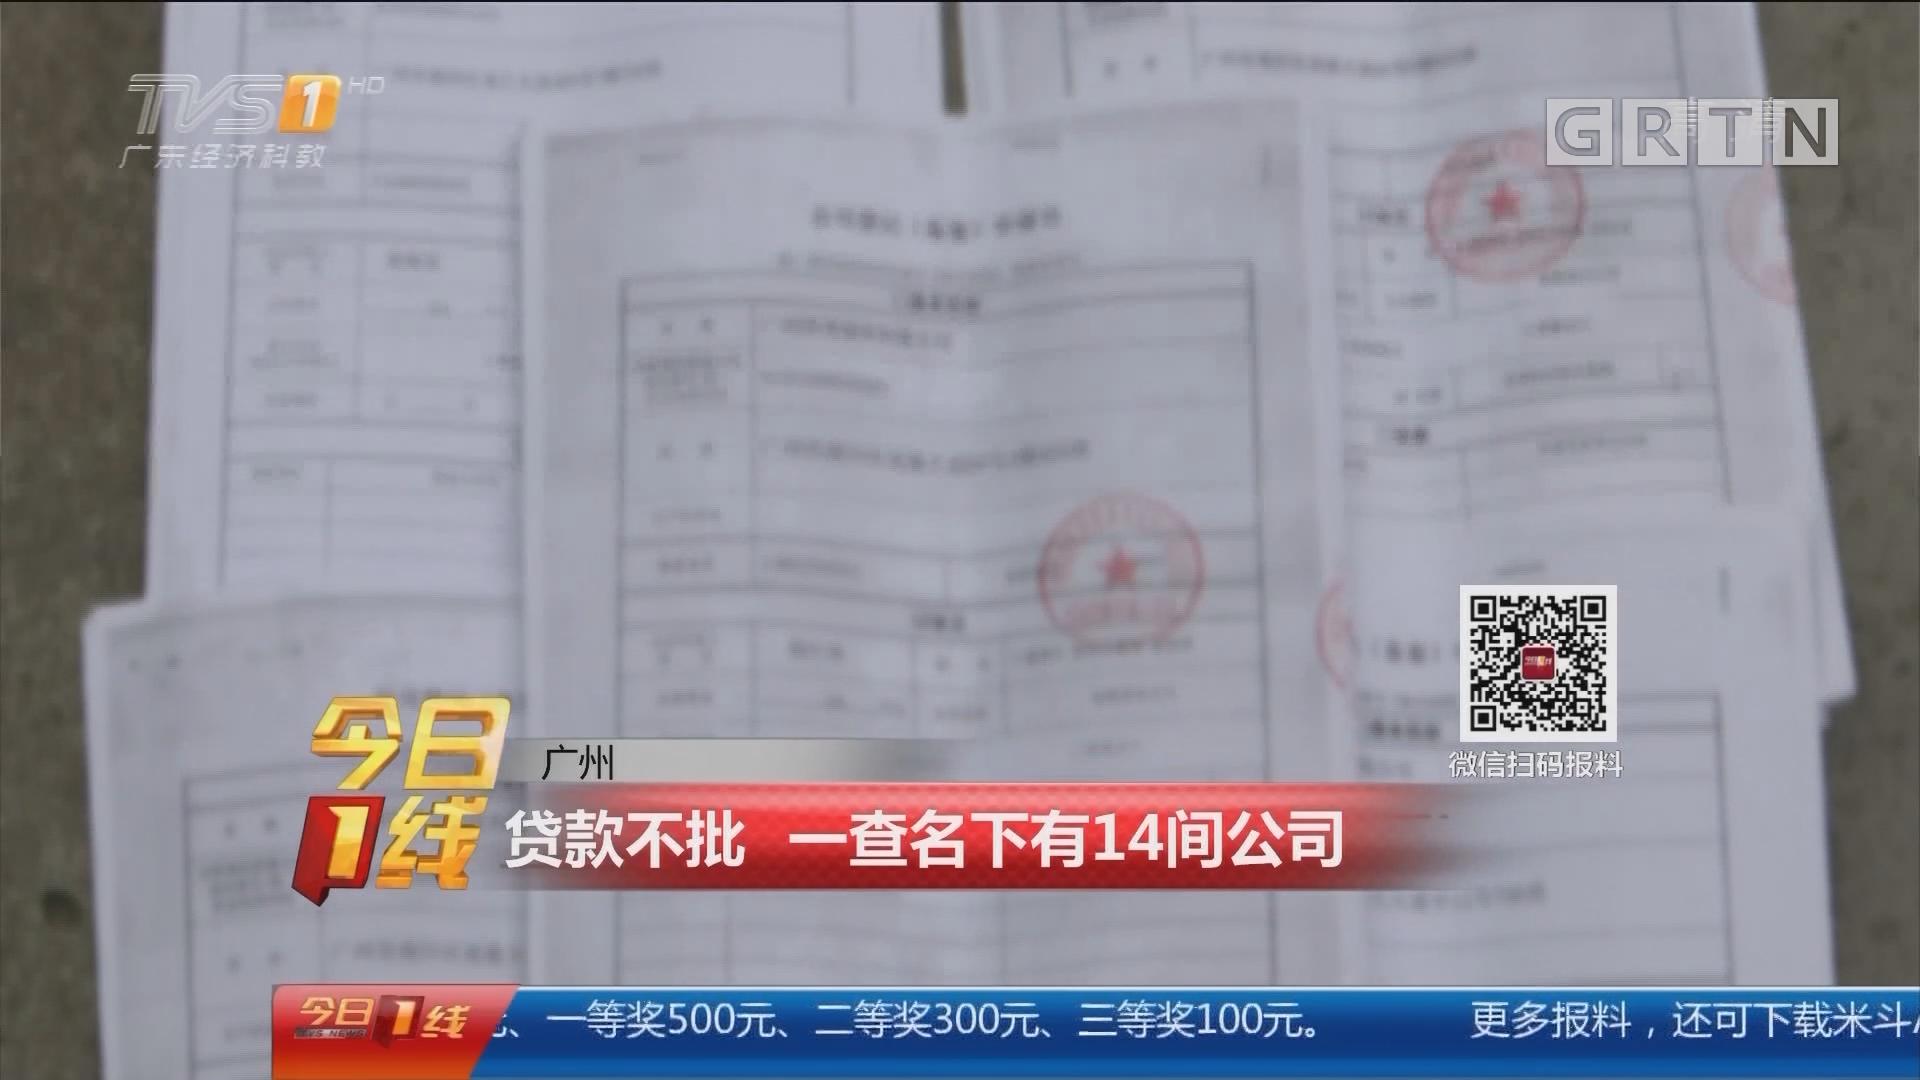 广州:贷款不批 一查名下有14间公司